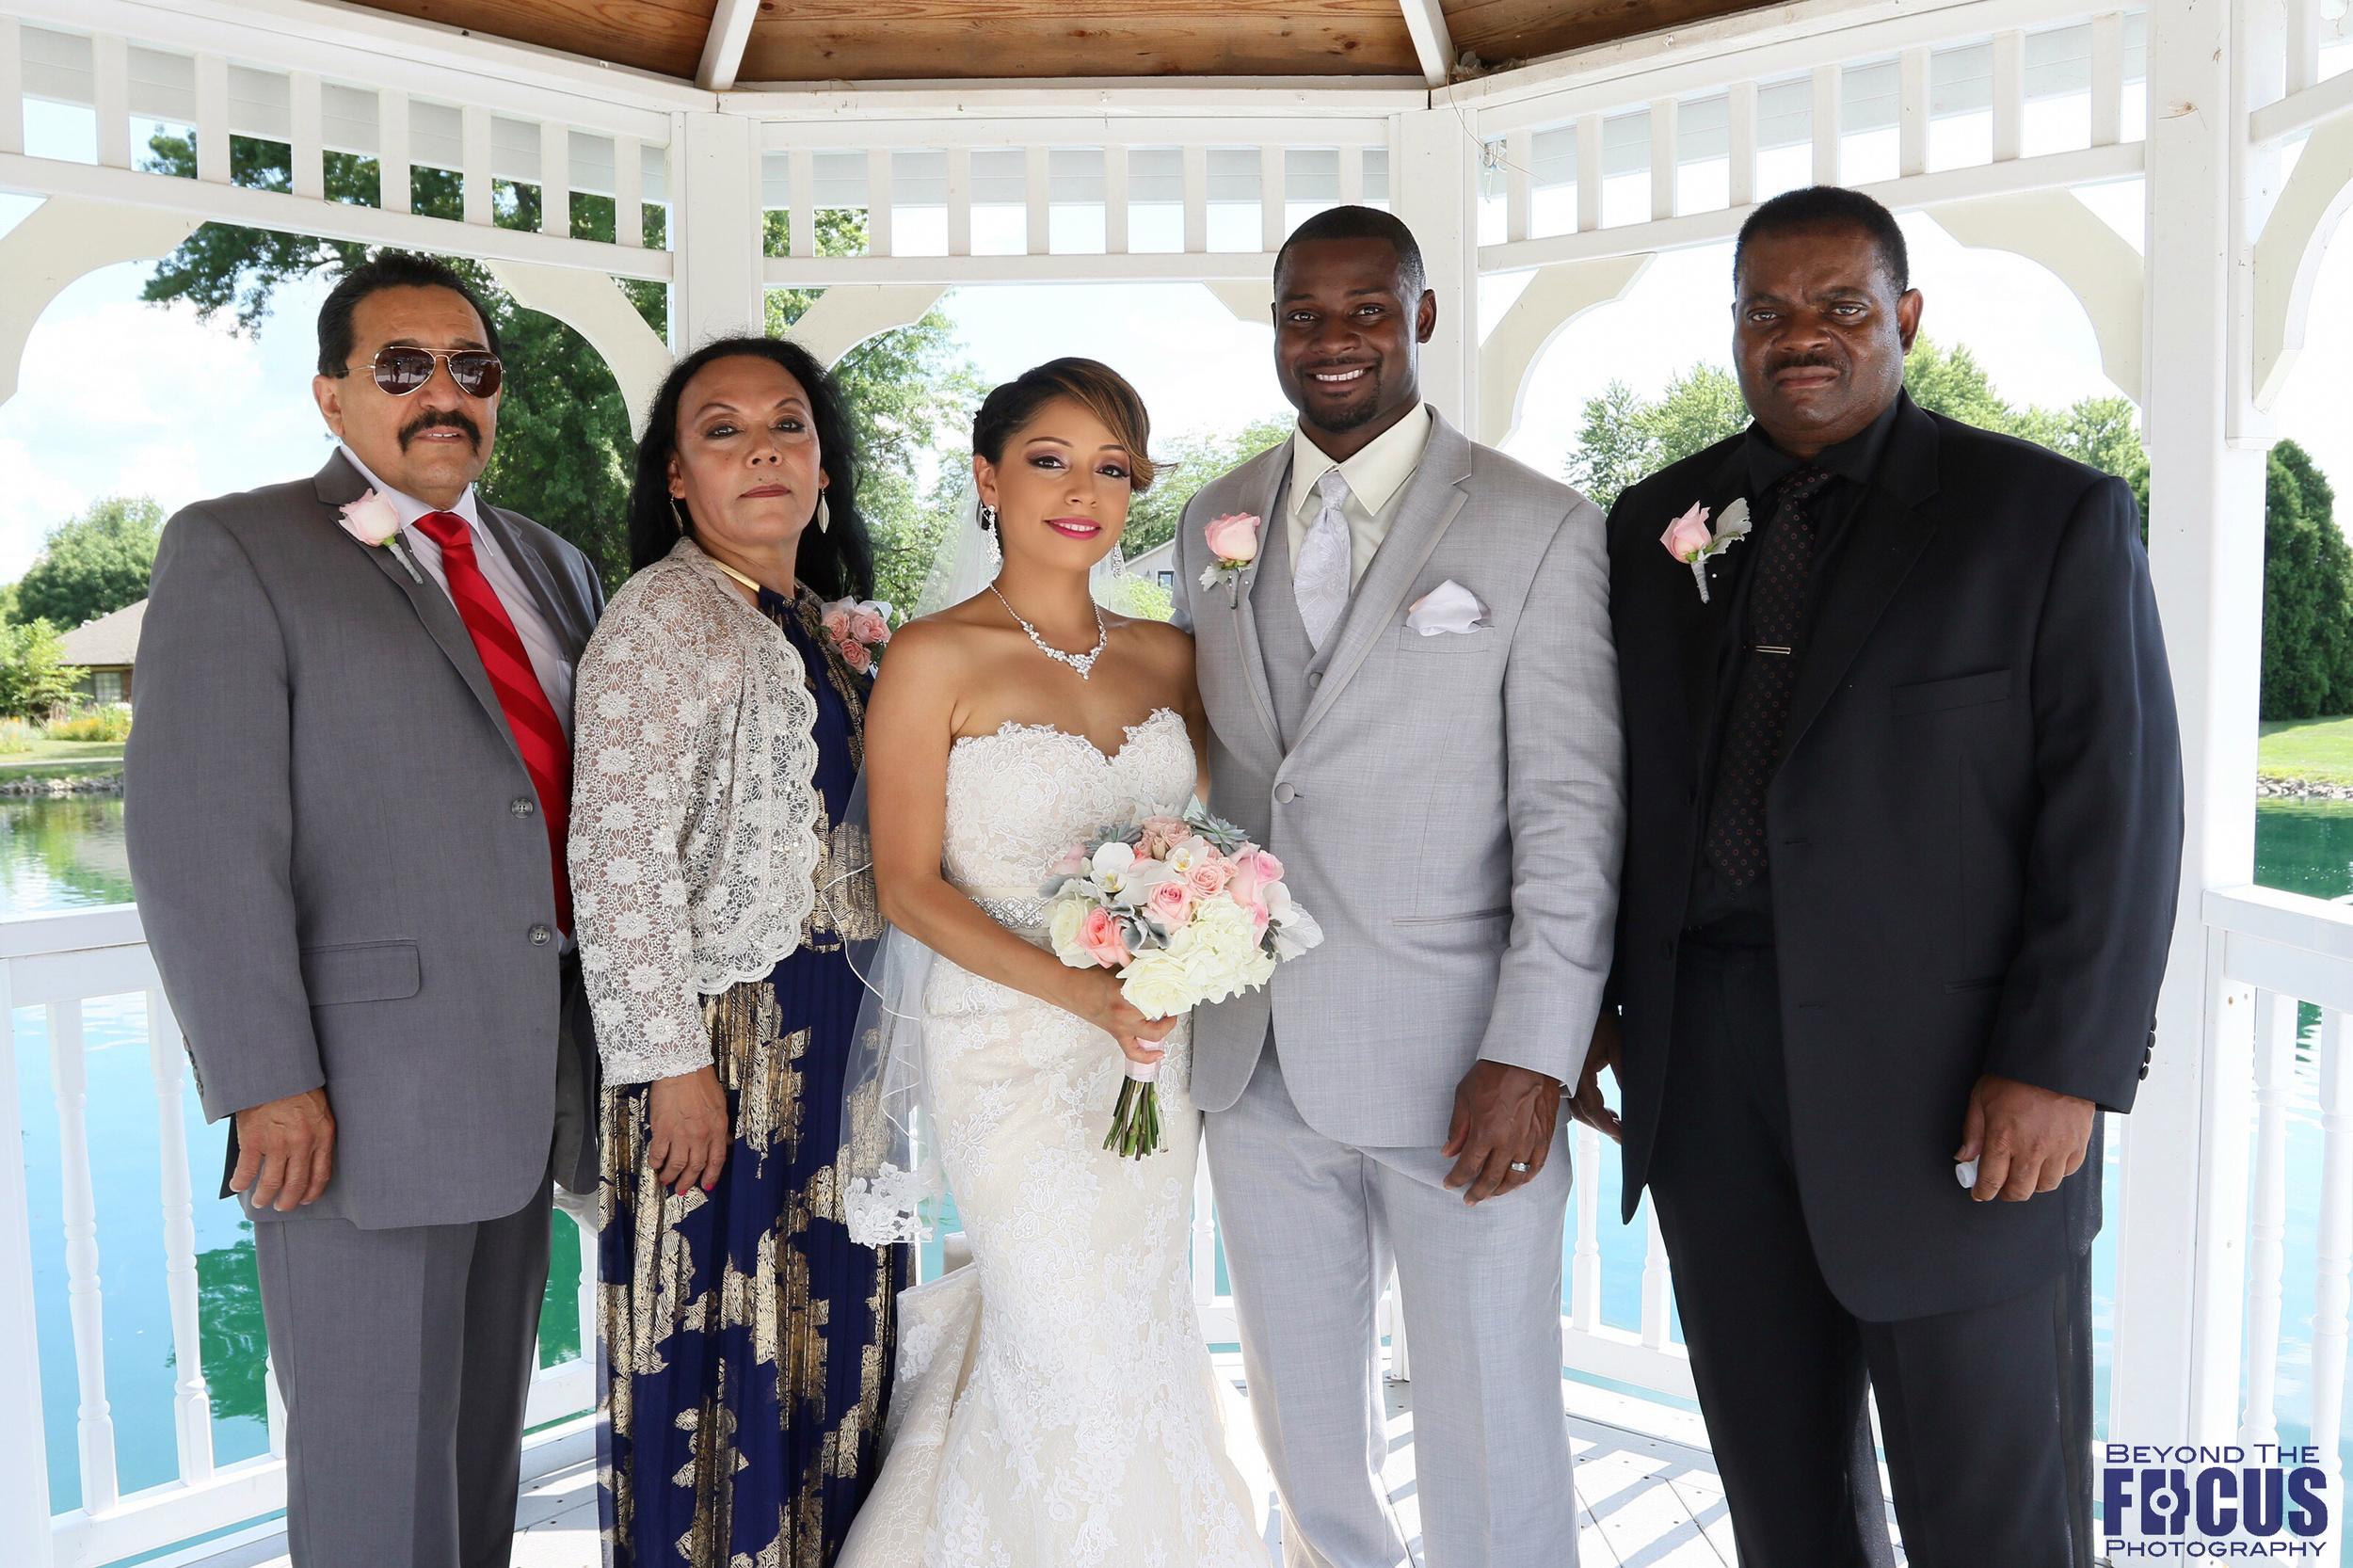 Palmer Wedding - Wedding Party11.jpg